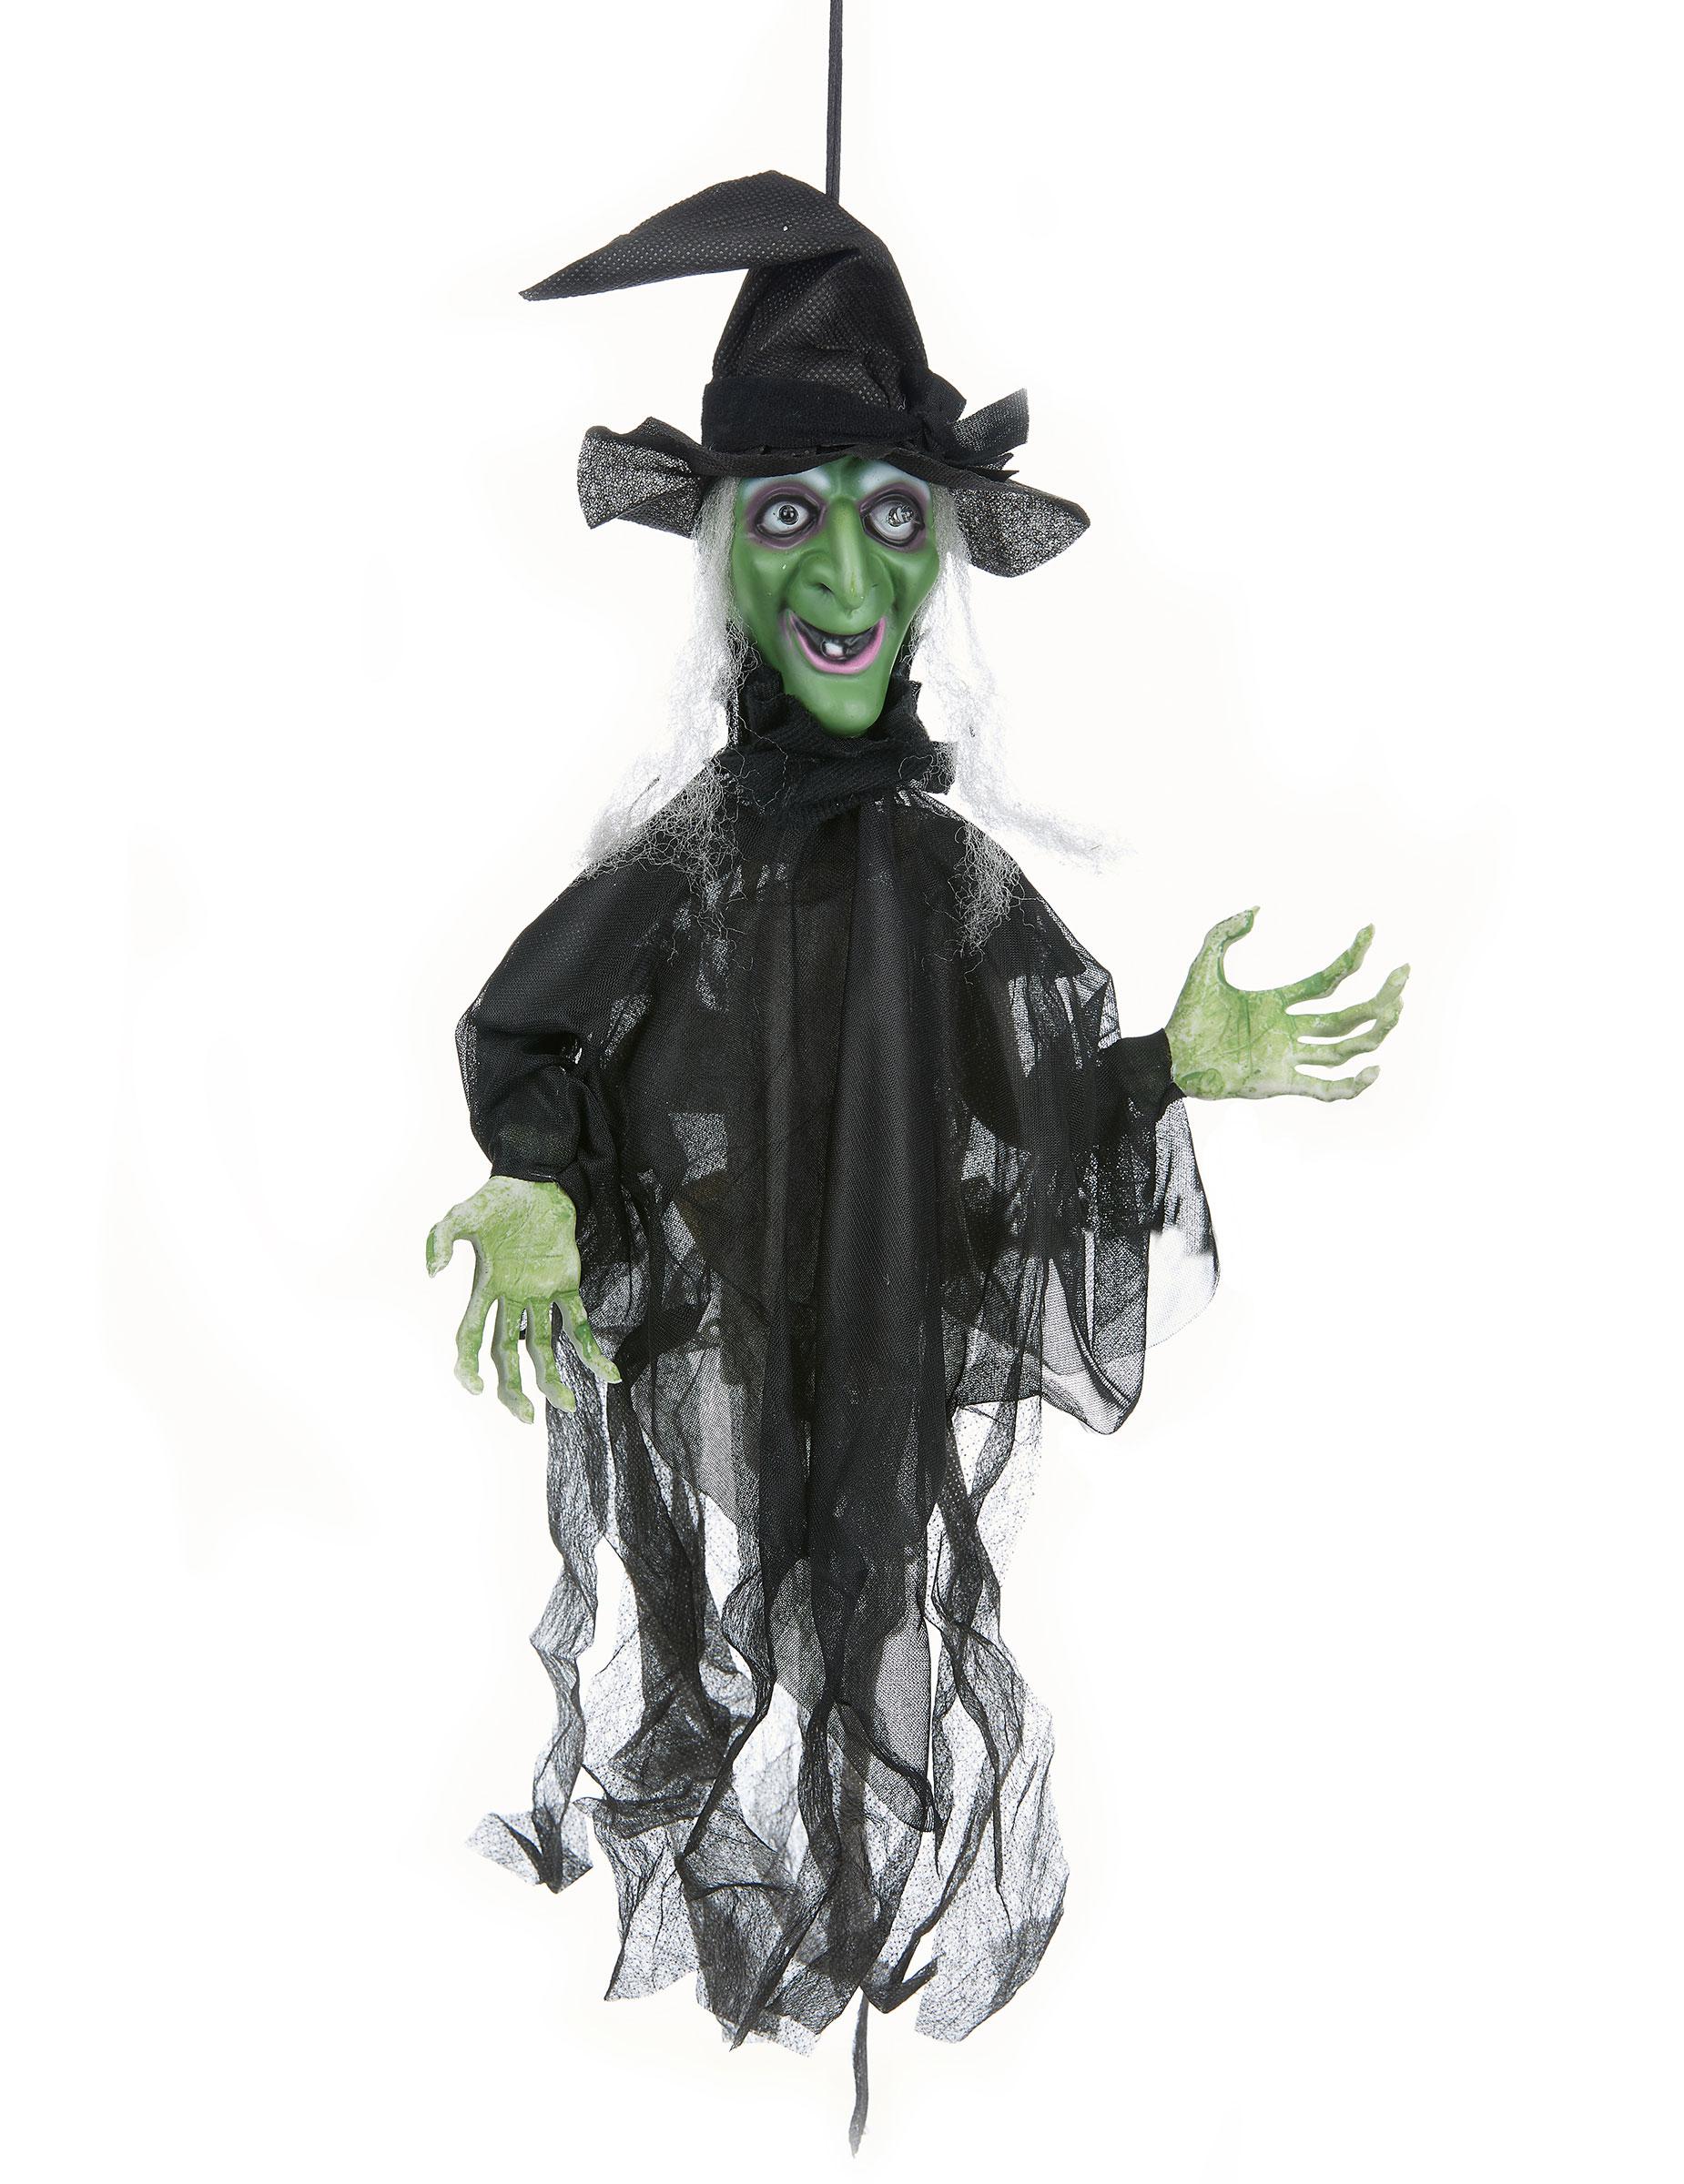 D coration sorci re anim e lumineuse et parlante halloween d coration anniversaire et f tes - Image de sorciere ...